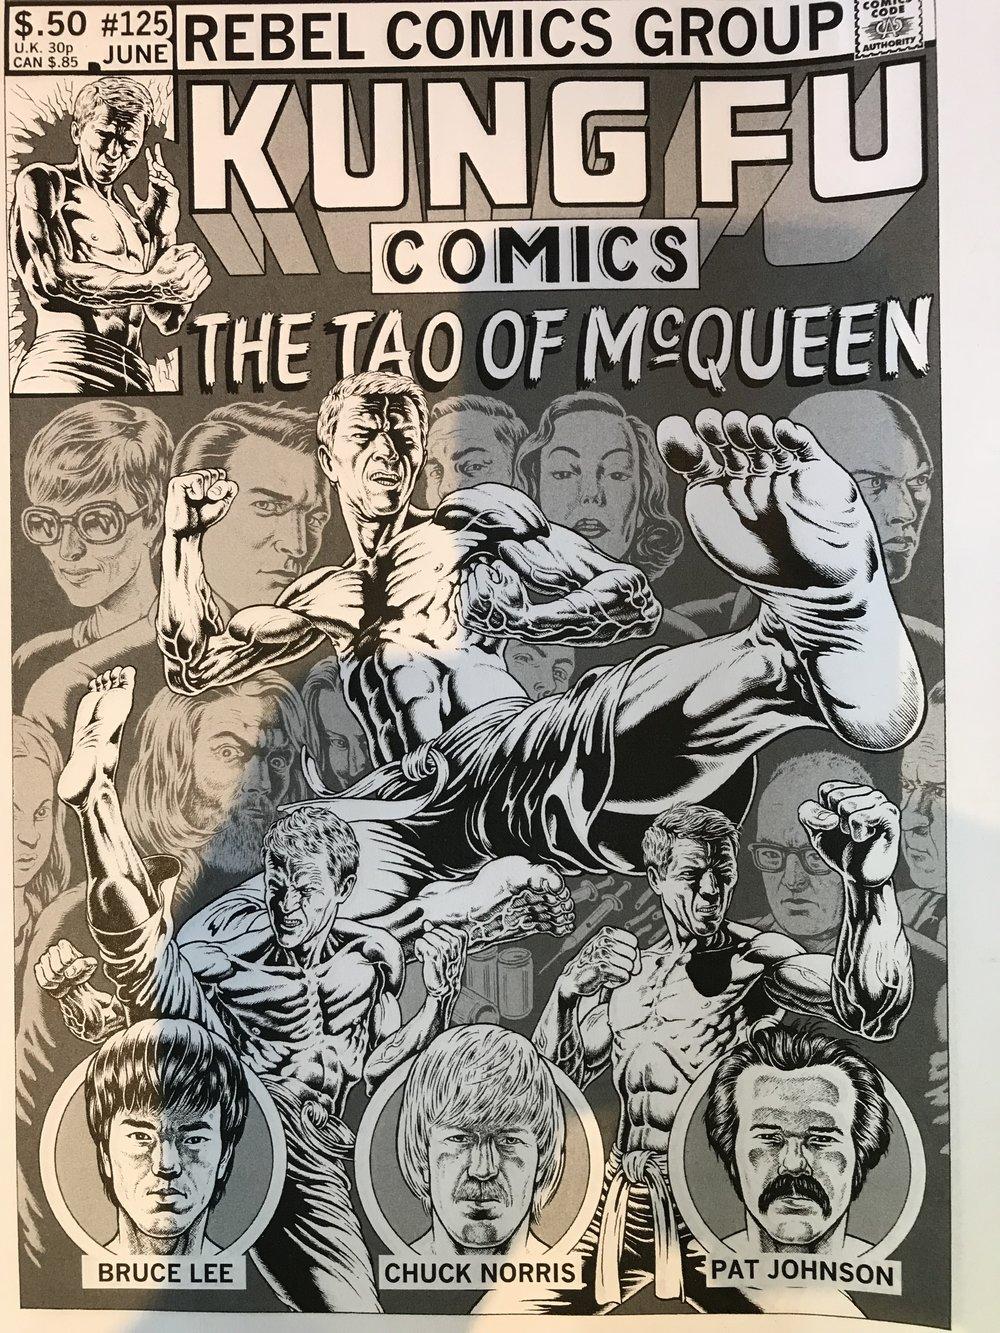 The Tao of McQueen